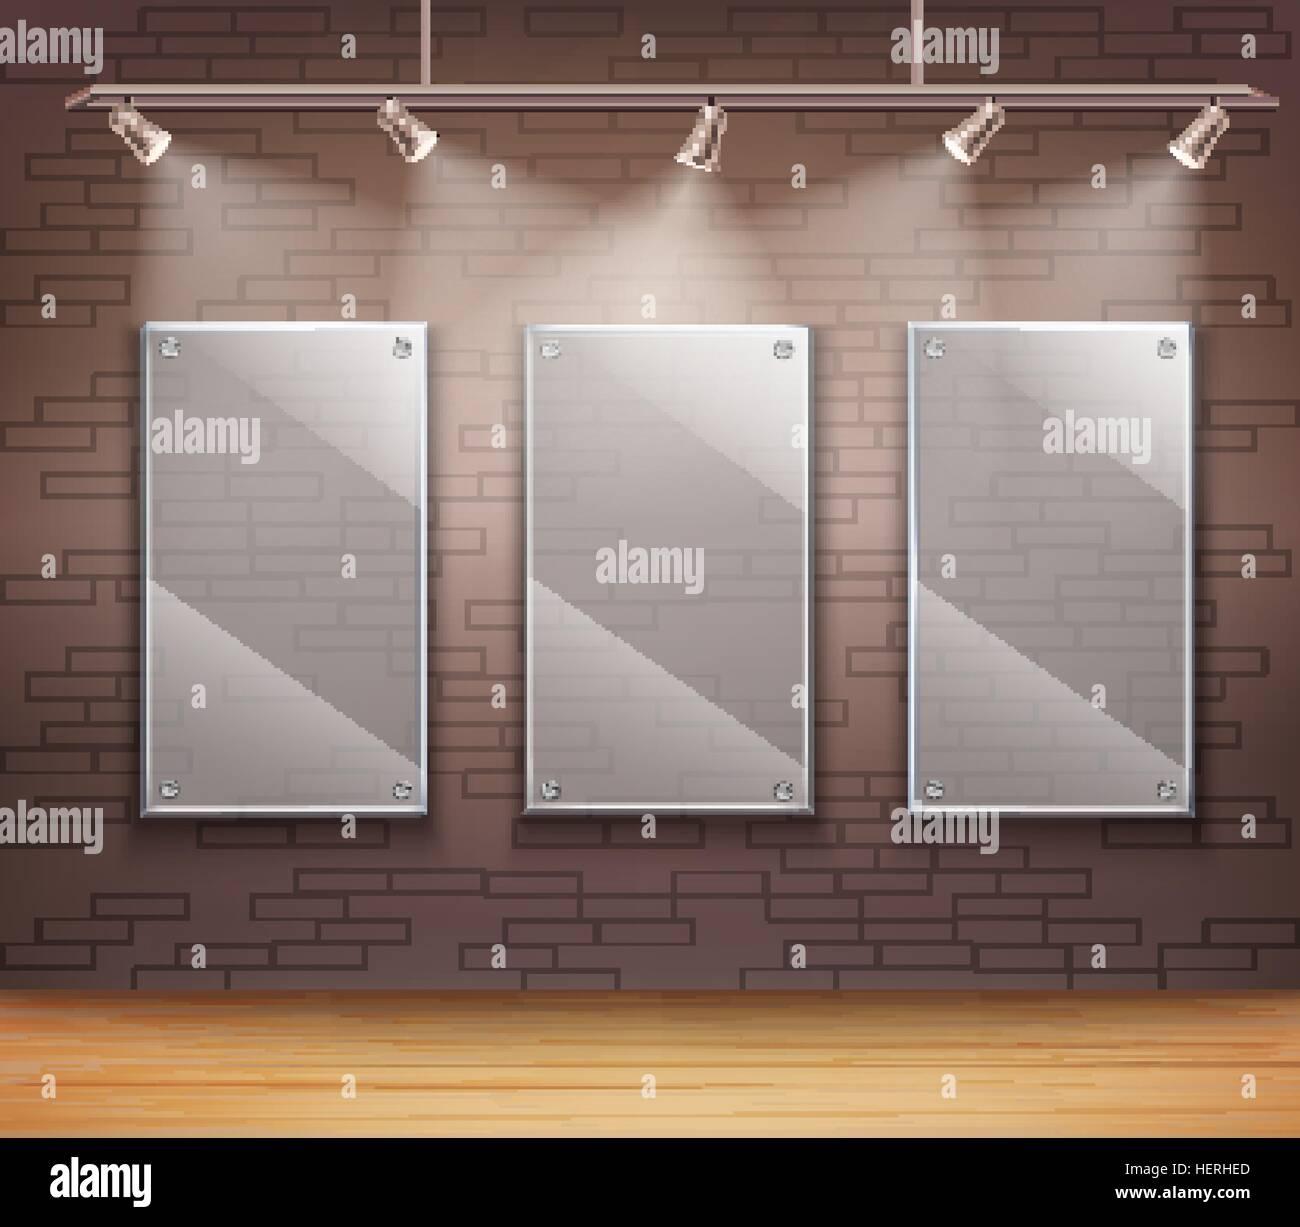 Galería de Vidrio Marcos. Galería de 3 marcos de cristal ...